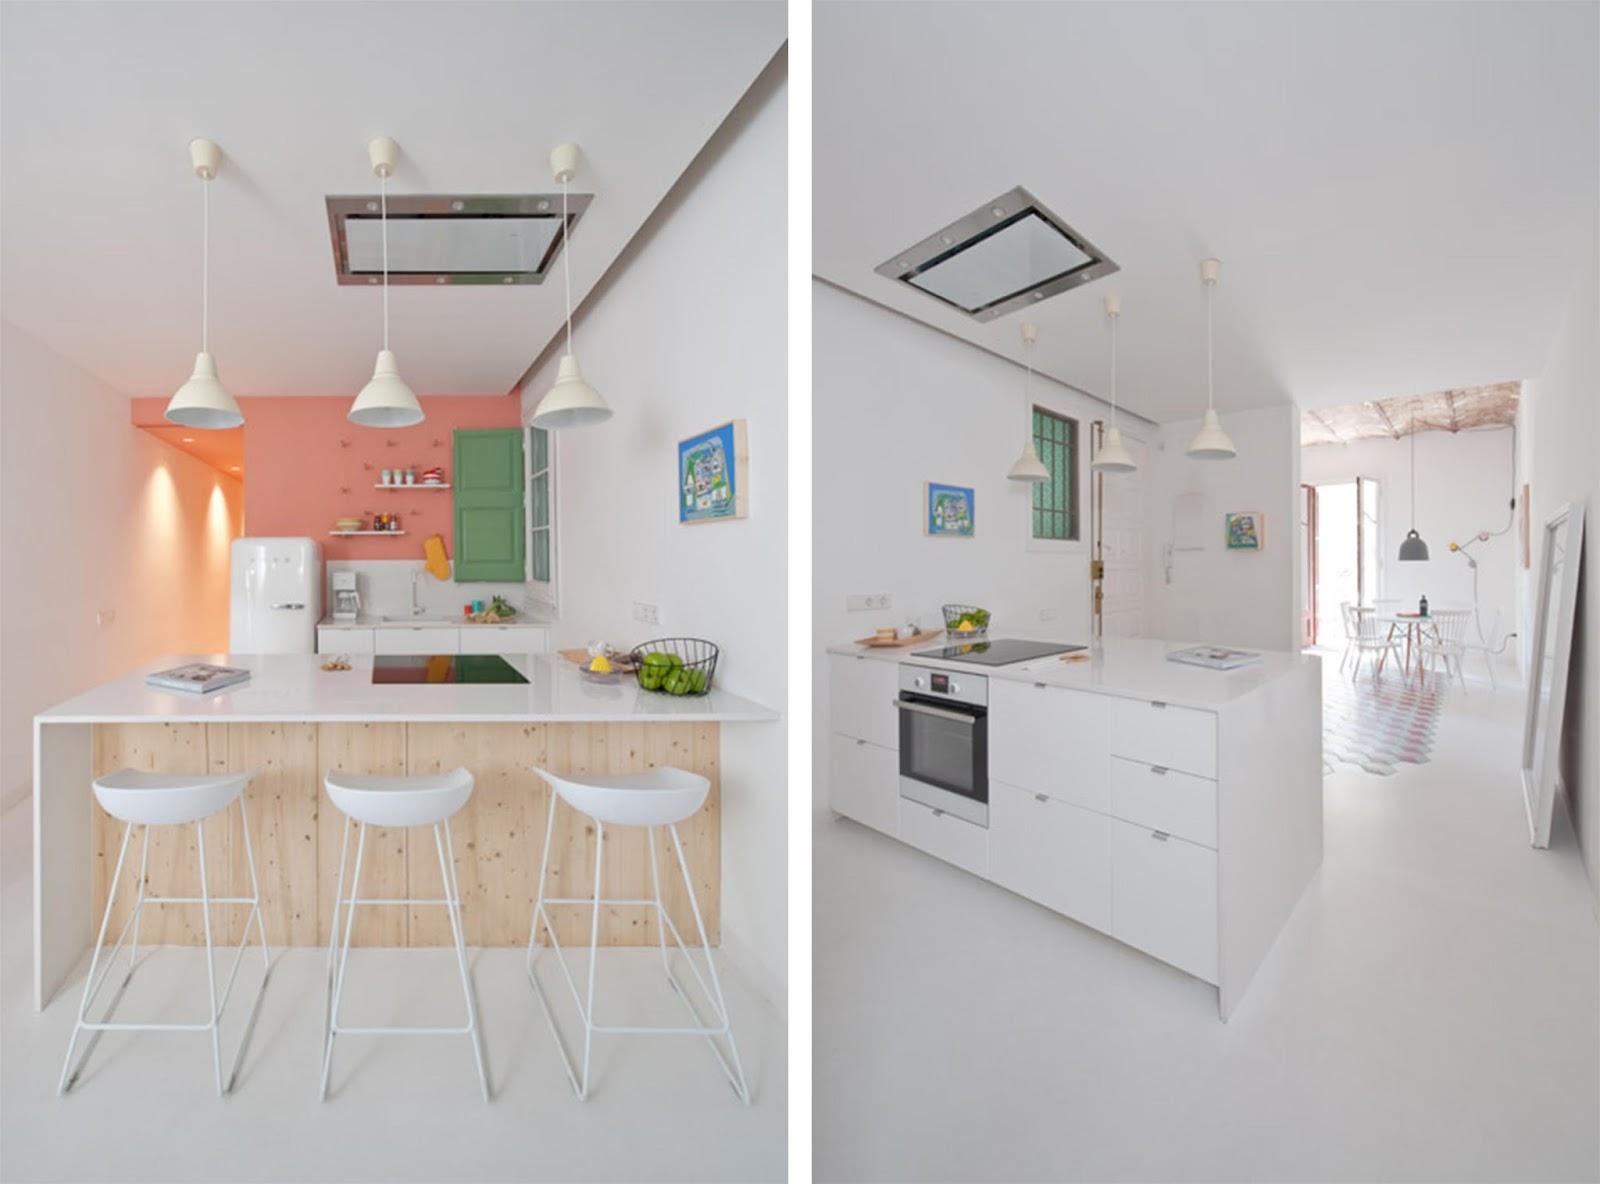 Appartamento a barcellona dai colori vivaci in stile art for Appartamento moderno